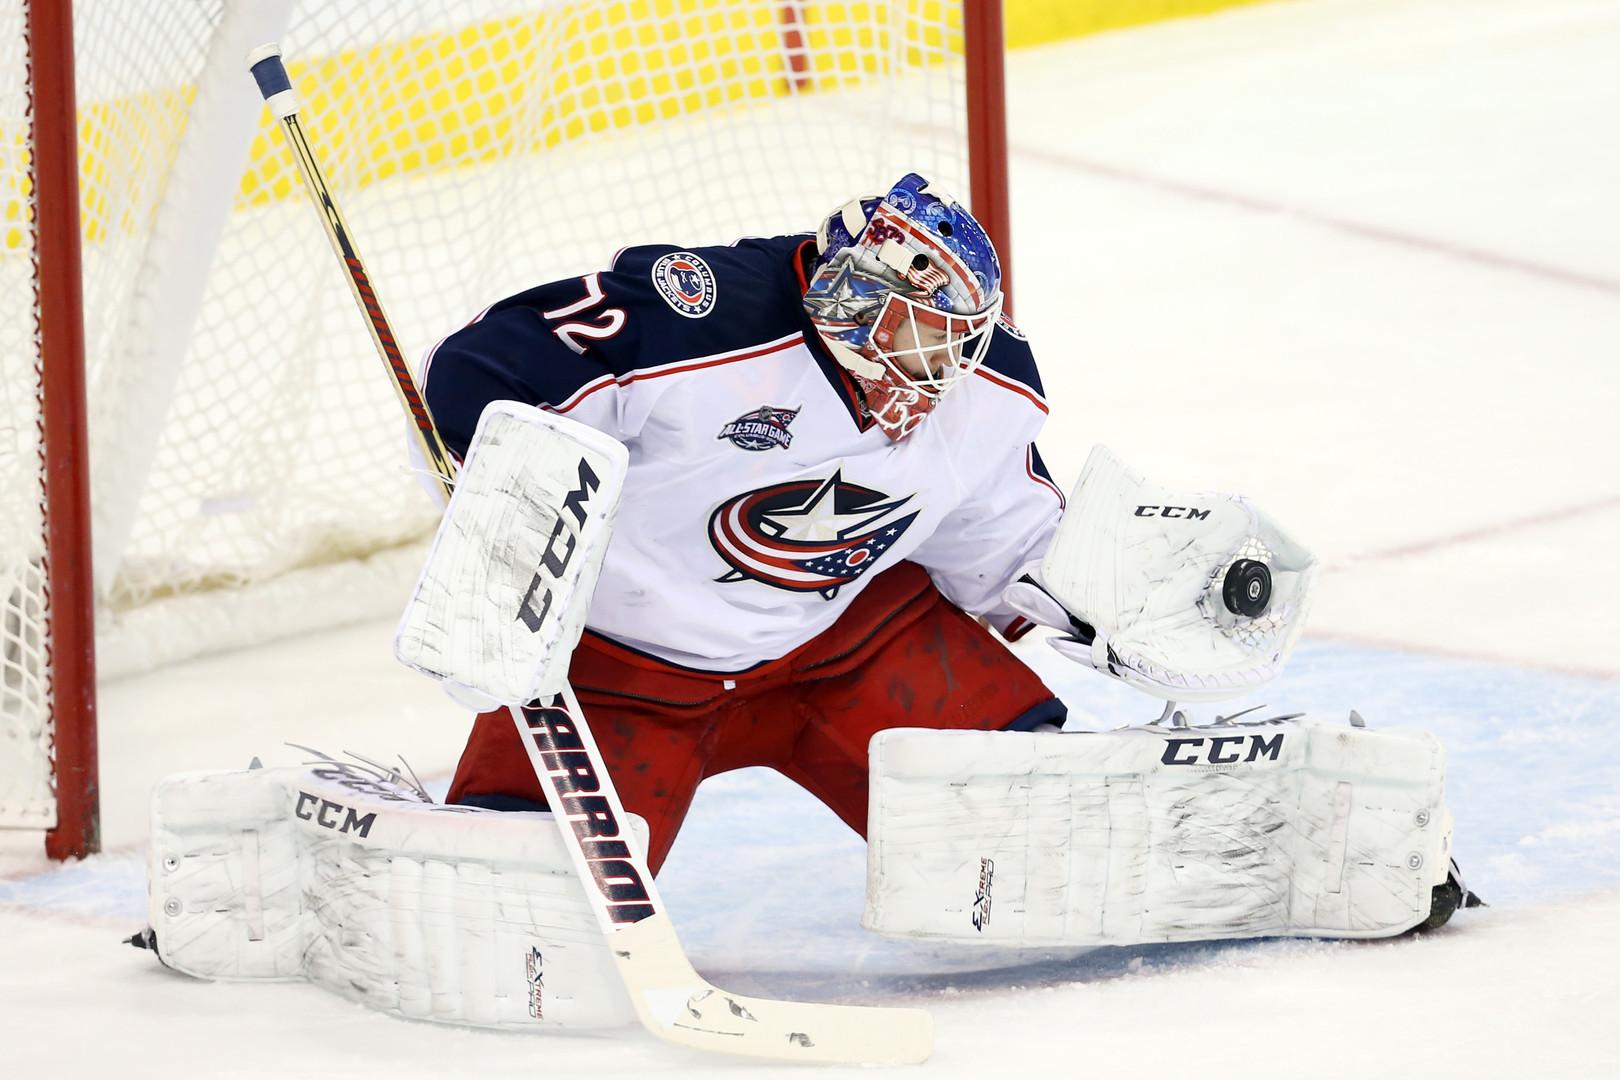 Самый выигрывающий вратарь: Бобровский вышел в лидеры НХЛ по числу побед в сезоне